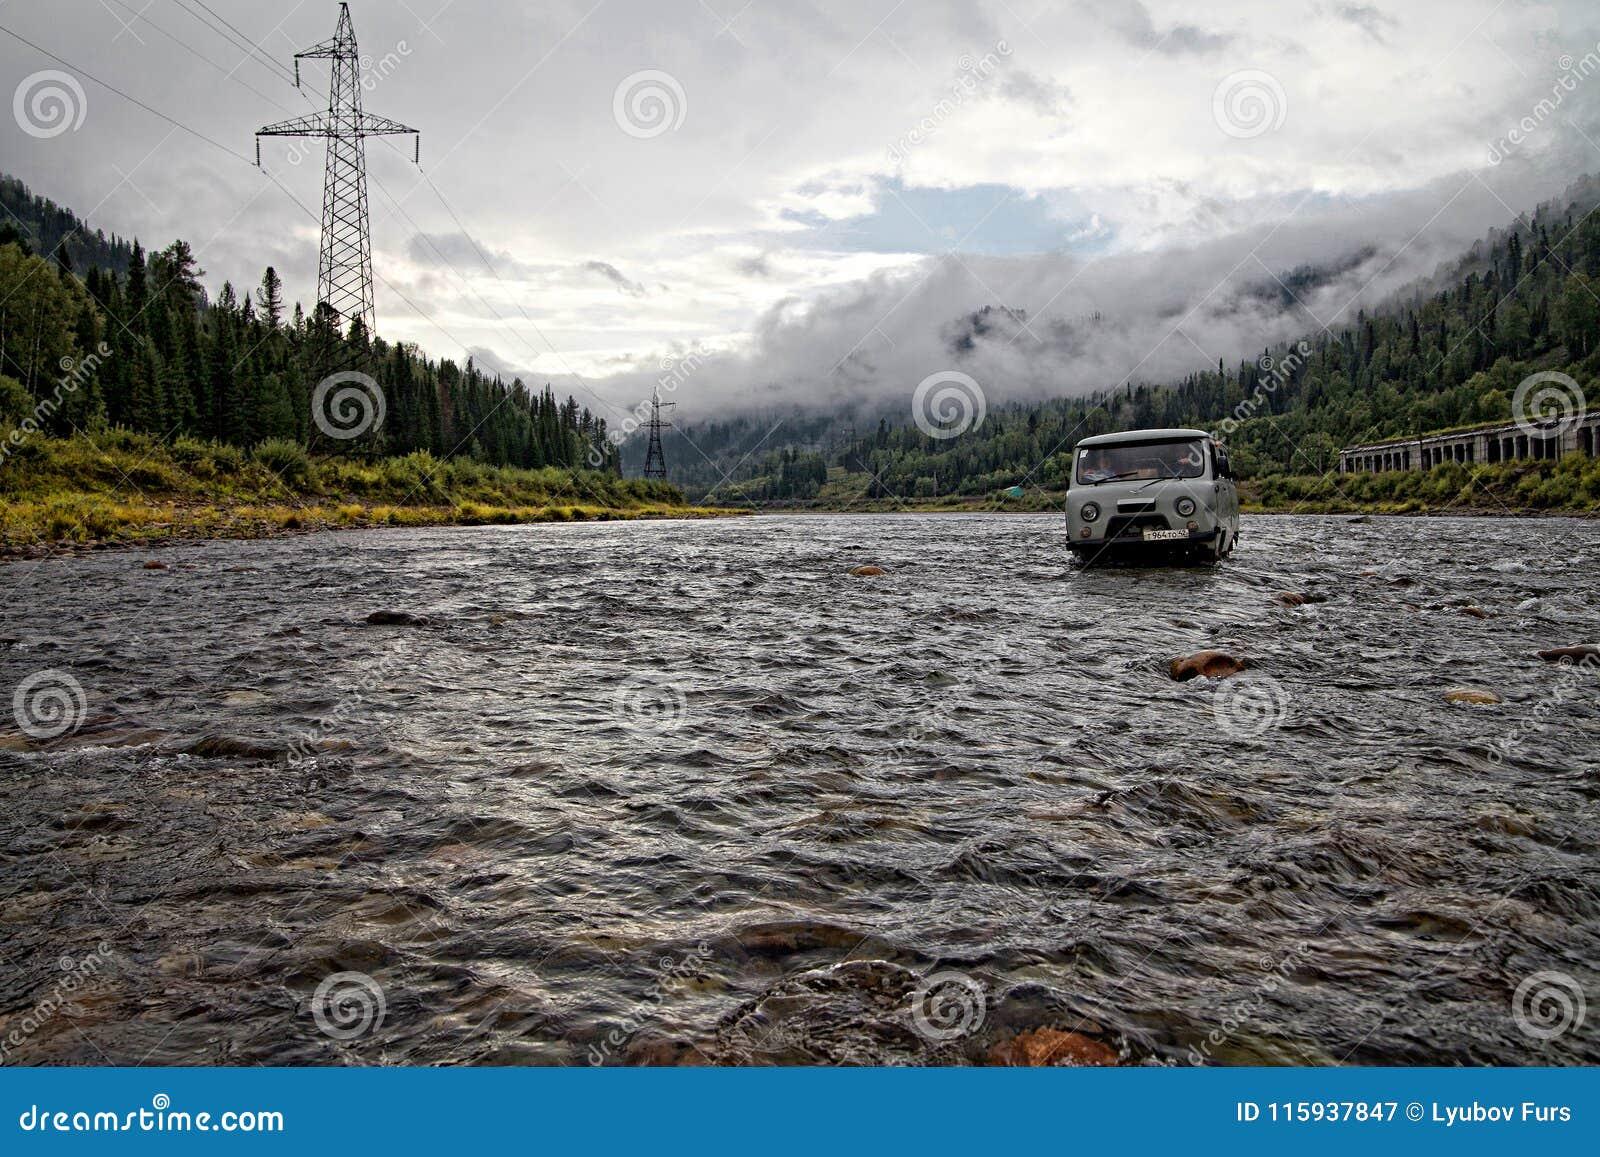 SUV grigio russo attraversa il fiume della montagna con le linee elettriche sulla riva sinistra e su una linea ferroviaria sulla